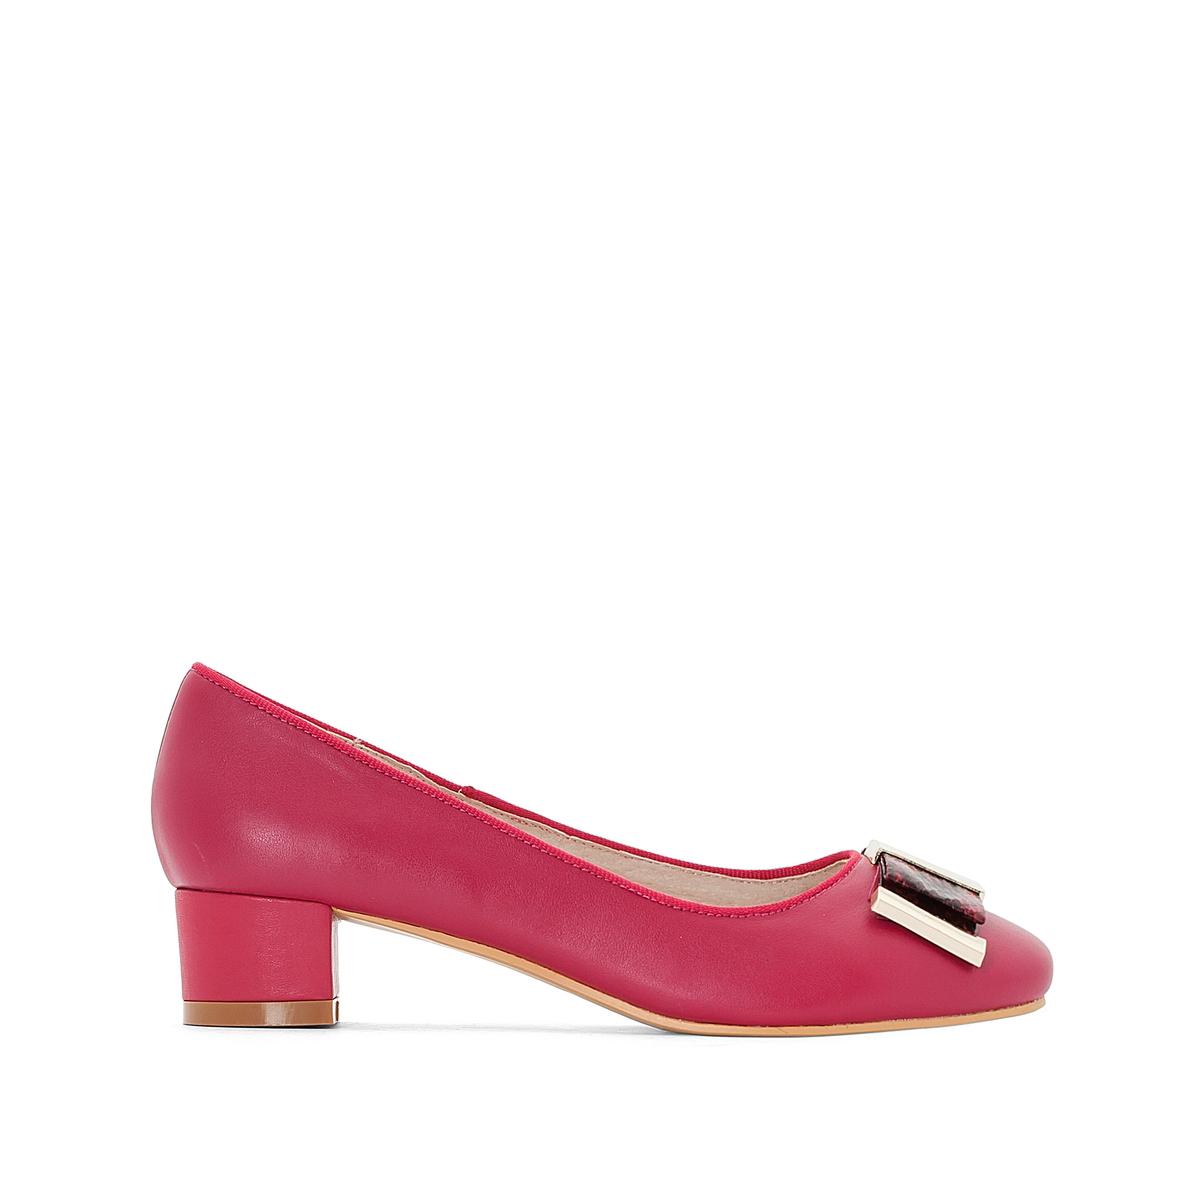 Балетки La Redoute Кожаные на каблуке 36 розовый туфли la redoute на среднем каблуке с питоновым принтом 36 каштановый